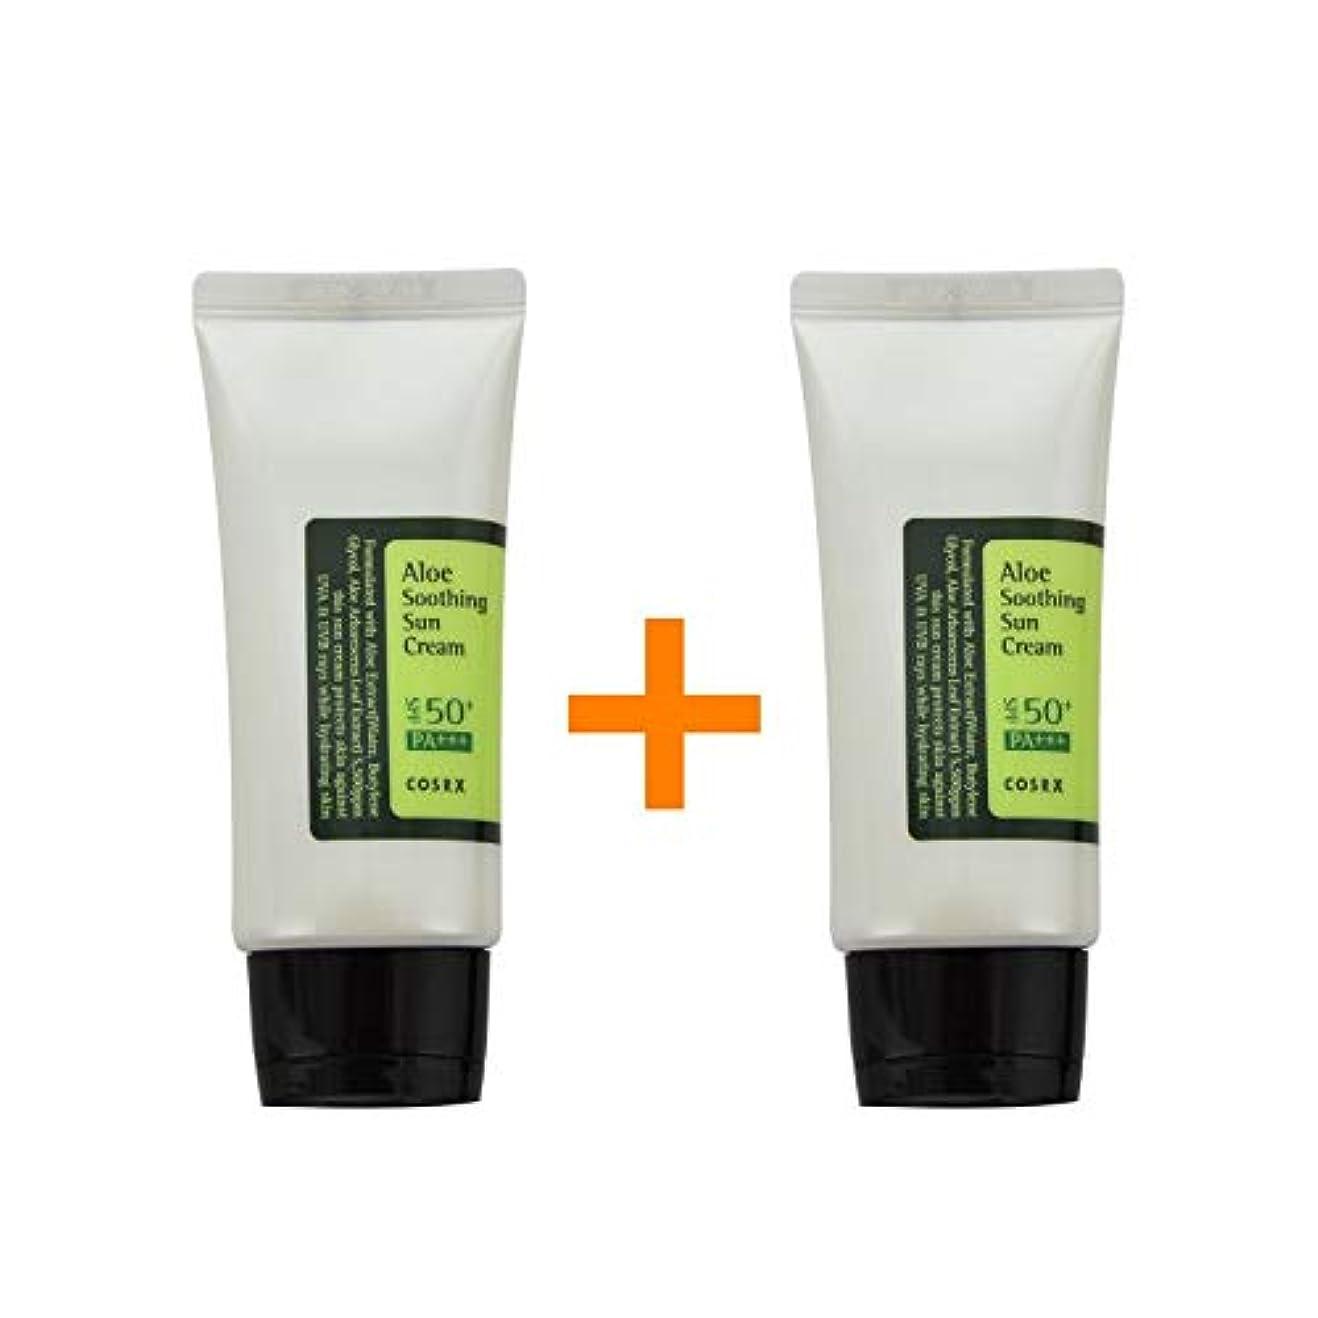 ヘルパー散髪思慮深い[ 1 + 1 ] COSRX コースアールエックス アロエ スージング サンクリーム Aloe Soothing sun cream (50ml) SPF50+/PA+++ 韓国日焼け止め